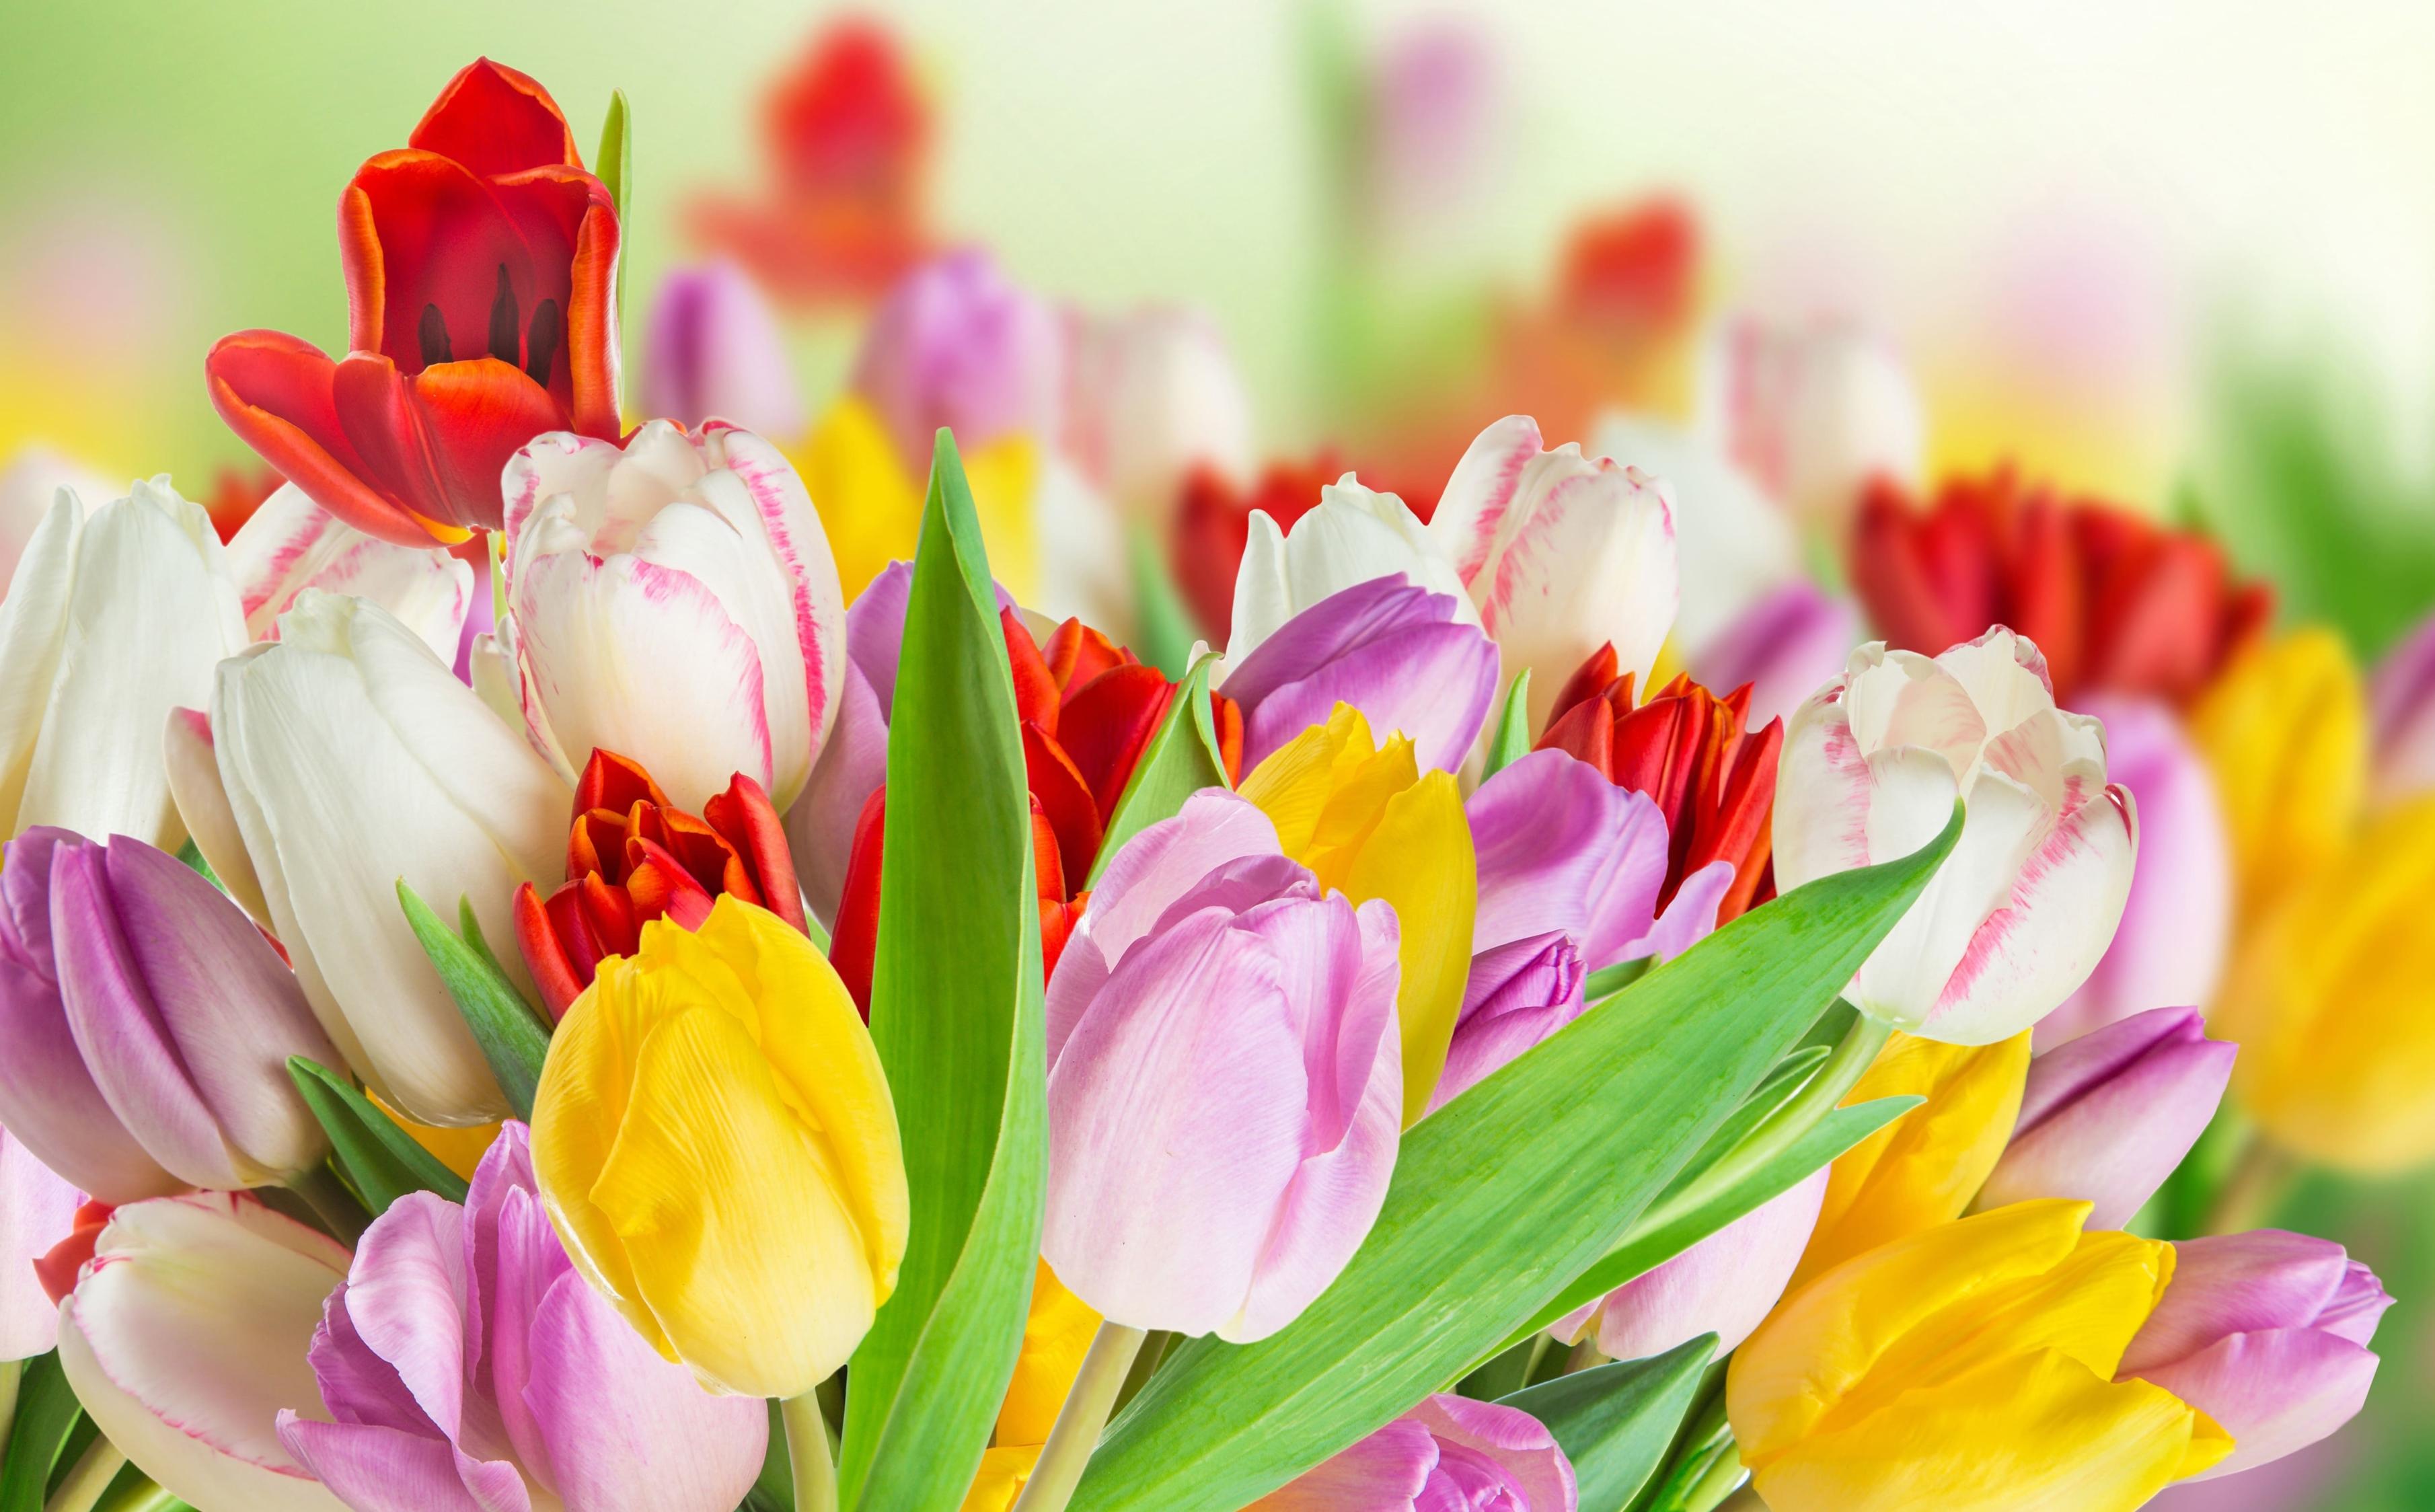 tulip-photo-21